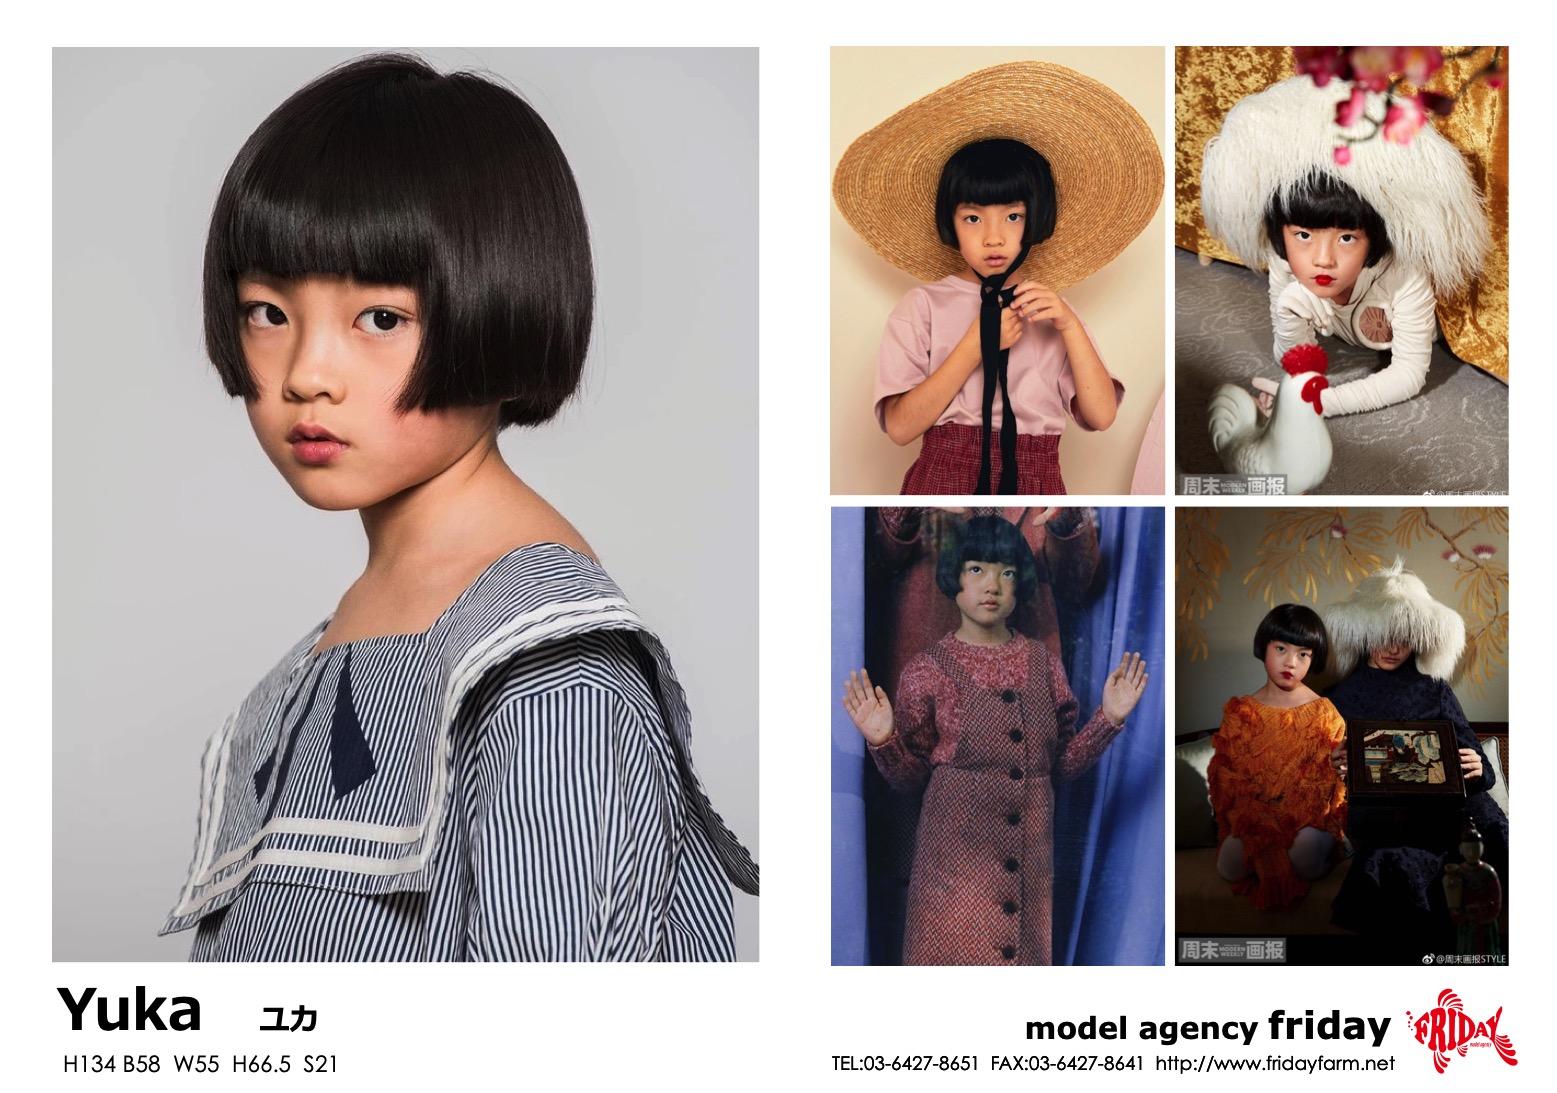 Yuka - ユカ | model agency friday